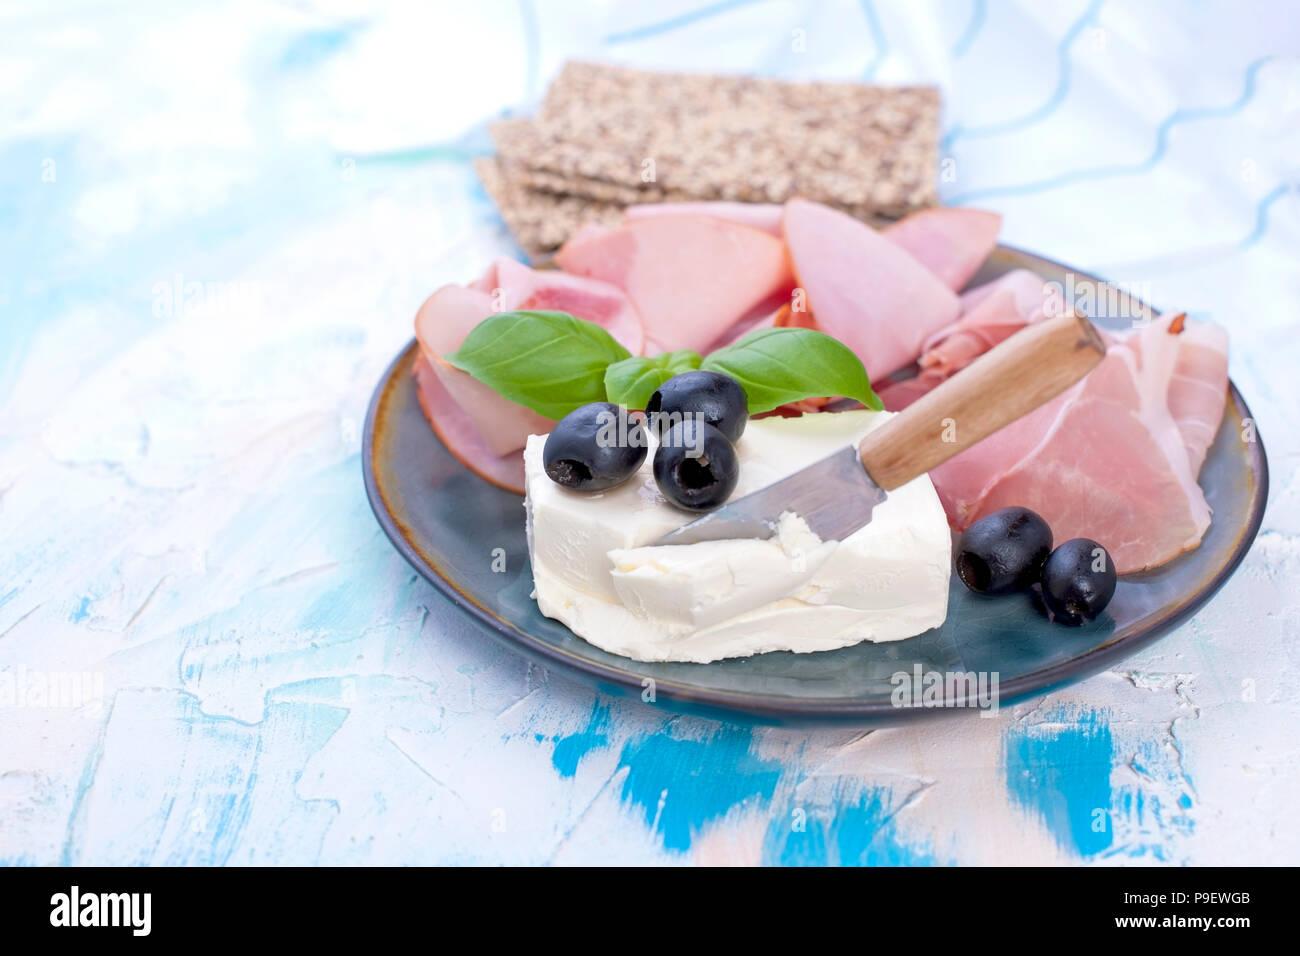 Formaggio e prosciutto con olive su una lastra grigia. Sfondo bianco con il blu dei divorzi. Coltello per formaggio. Breadstones secco. Spazio libero per il testo o una cartolina Immagini Stock